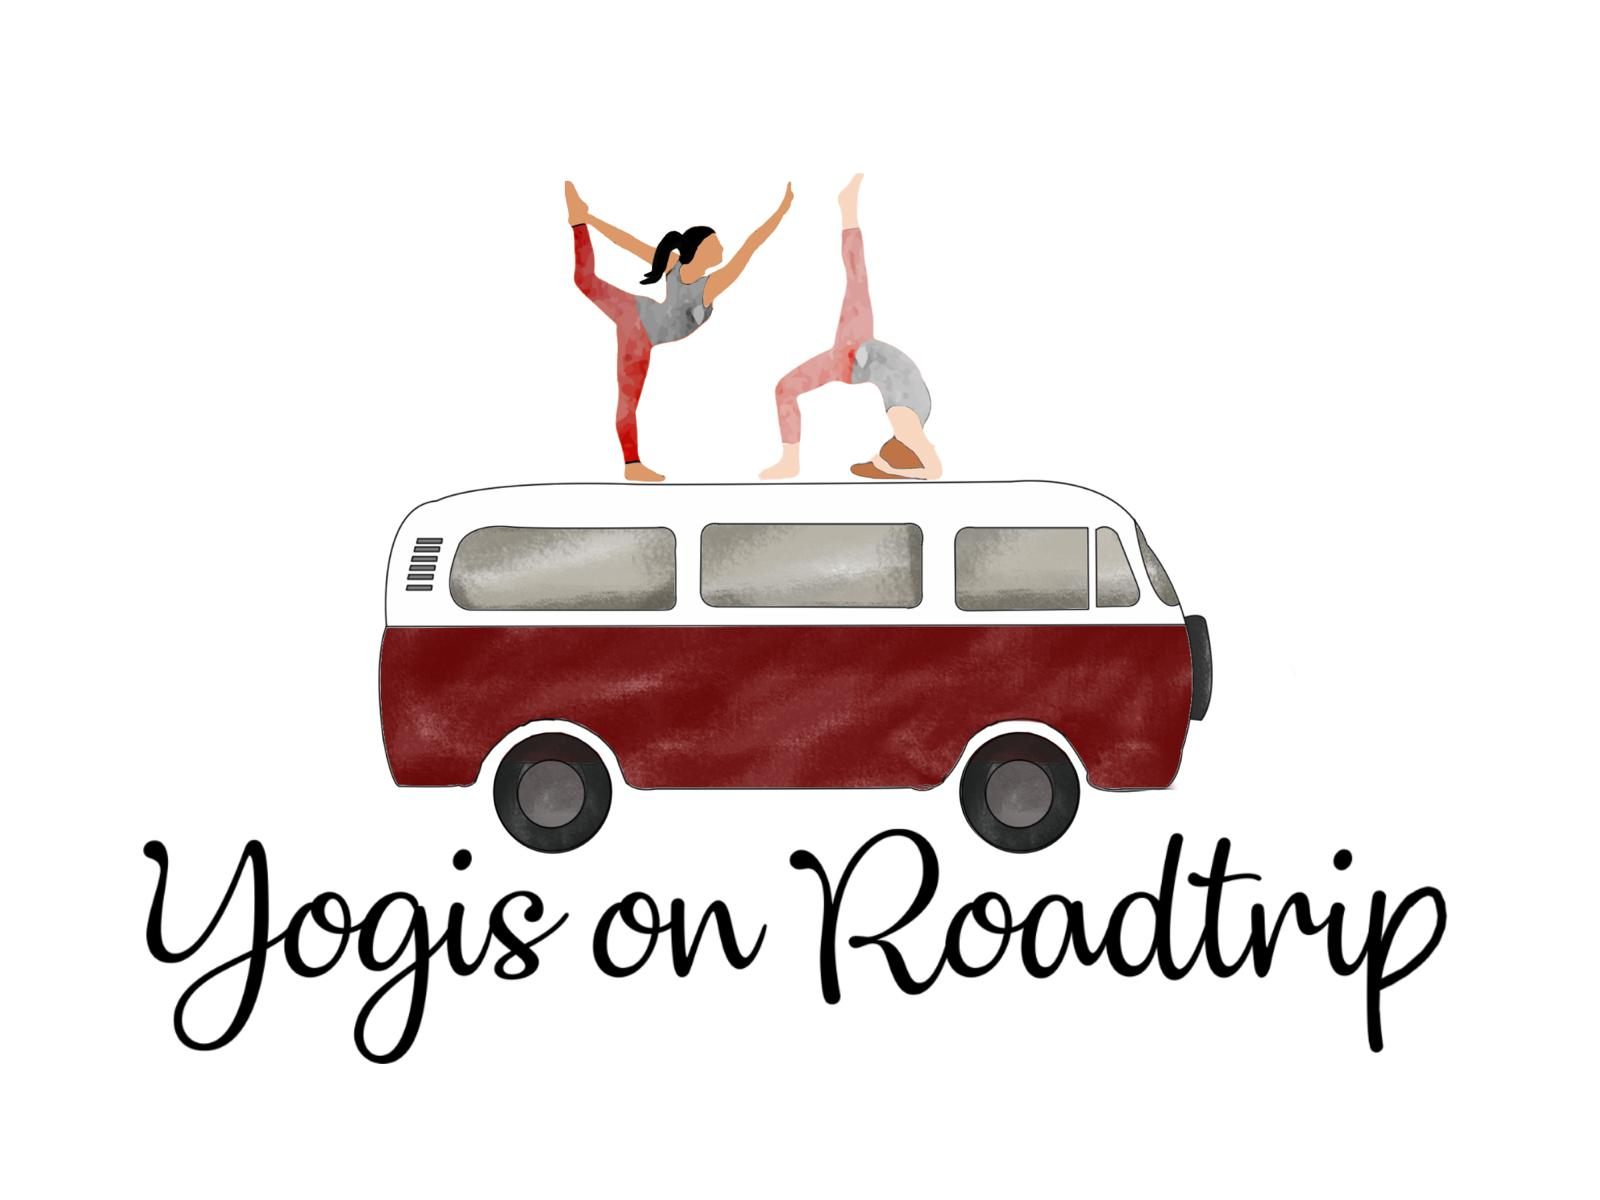 http://yogisonroadtrip.com/